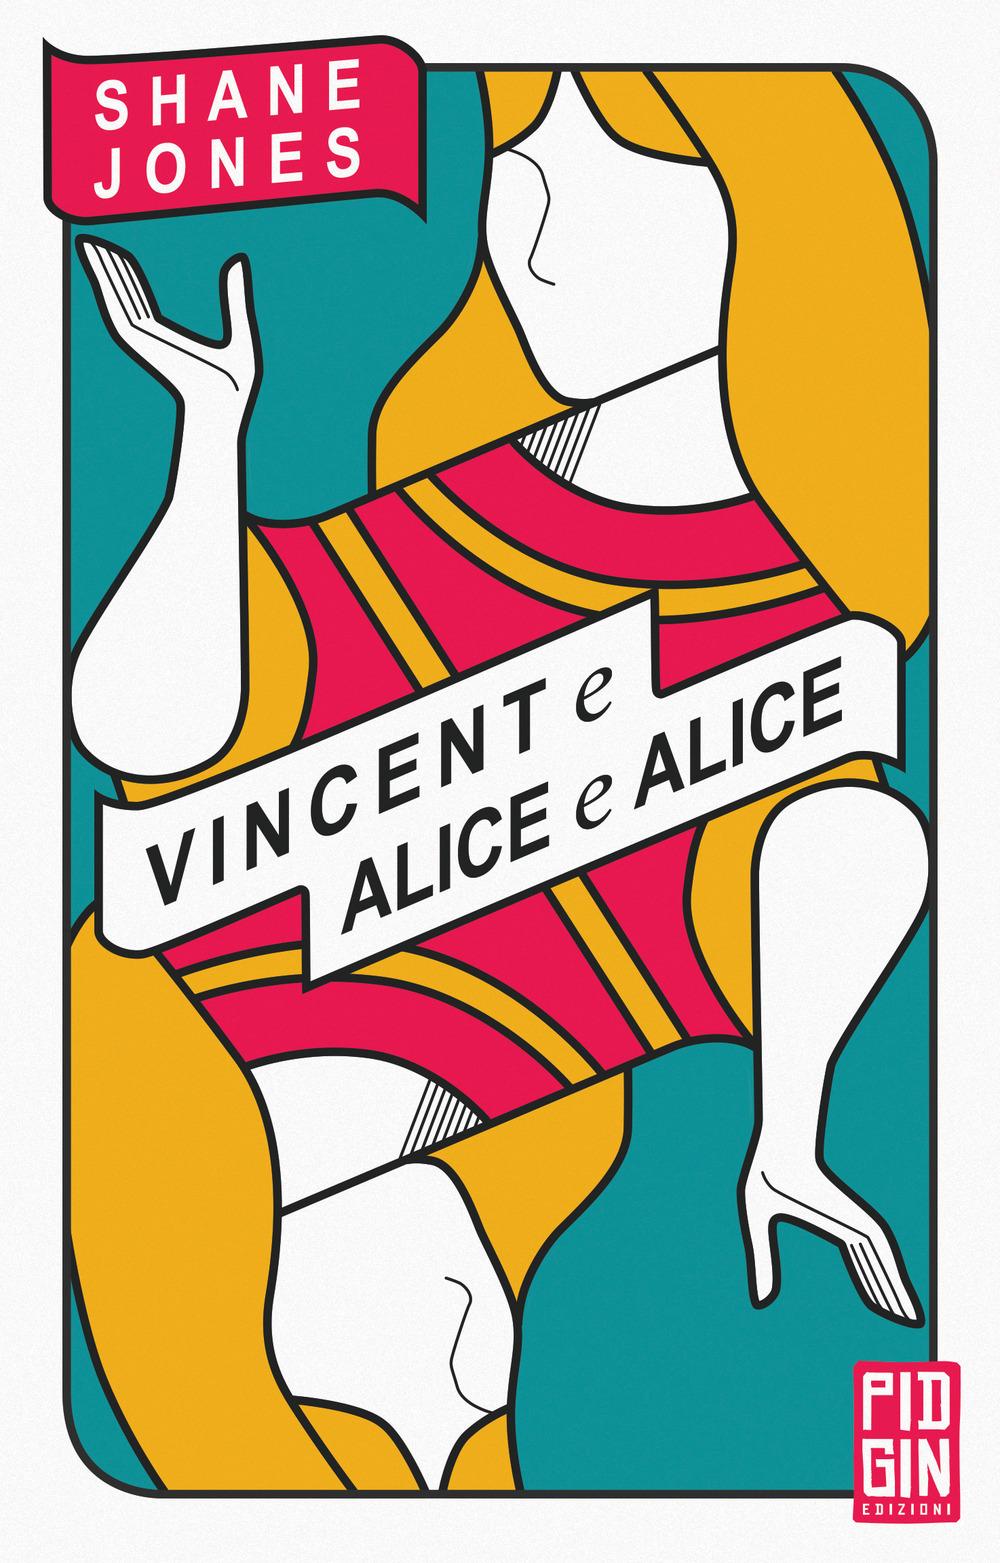 Vincent e Alice e Alice